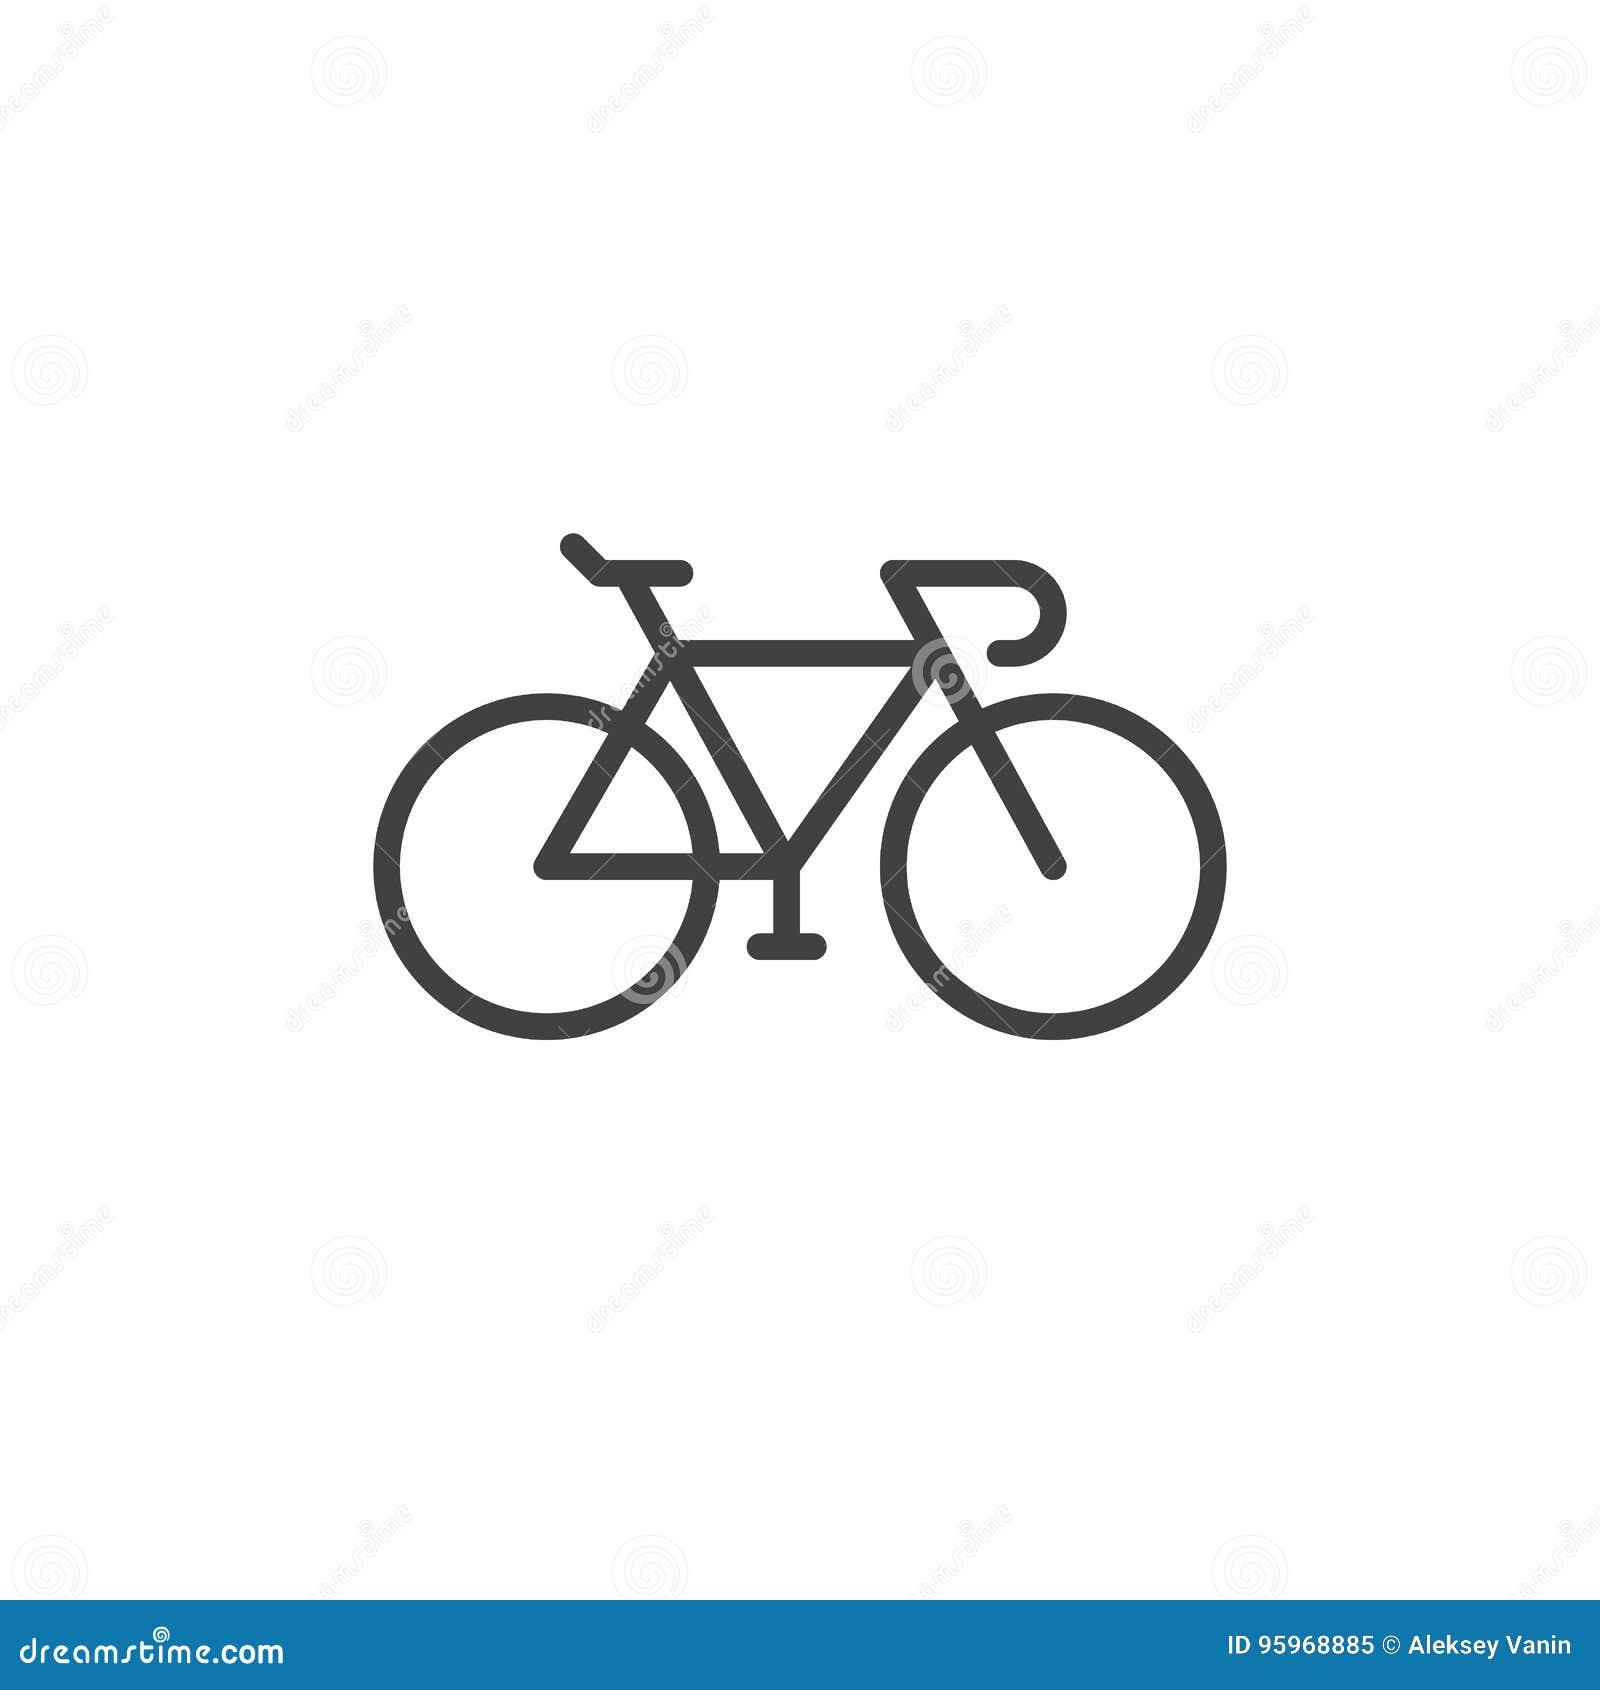 Fahren Sie, Fahrradlinie Ikone, Entwurfsvektorzeichen, das lineare Artpiktogramm rad, das auf Weiß lokalisiert wird